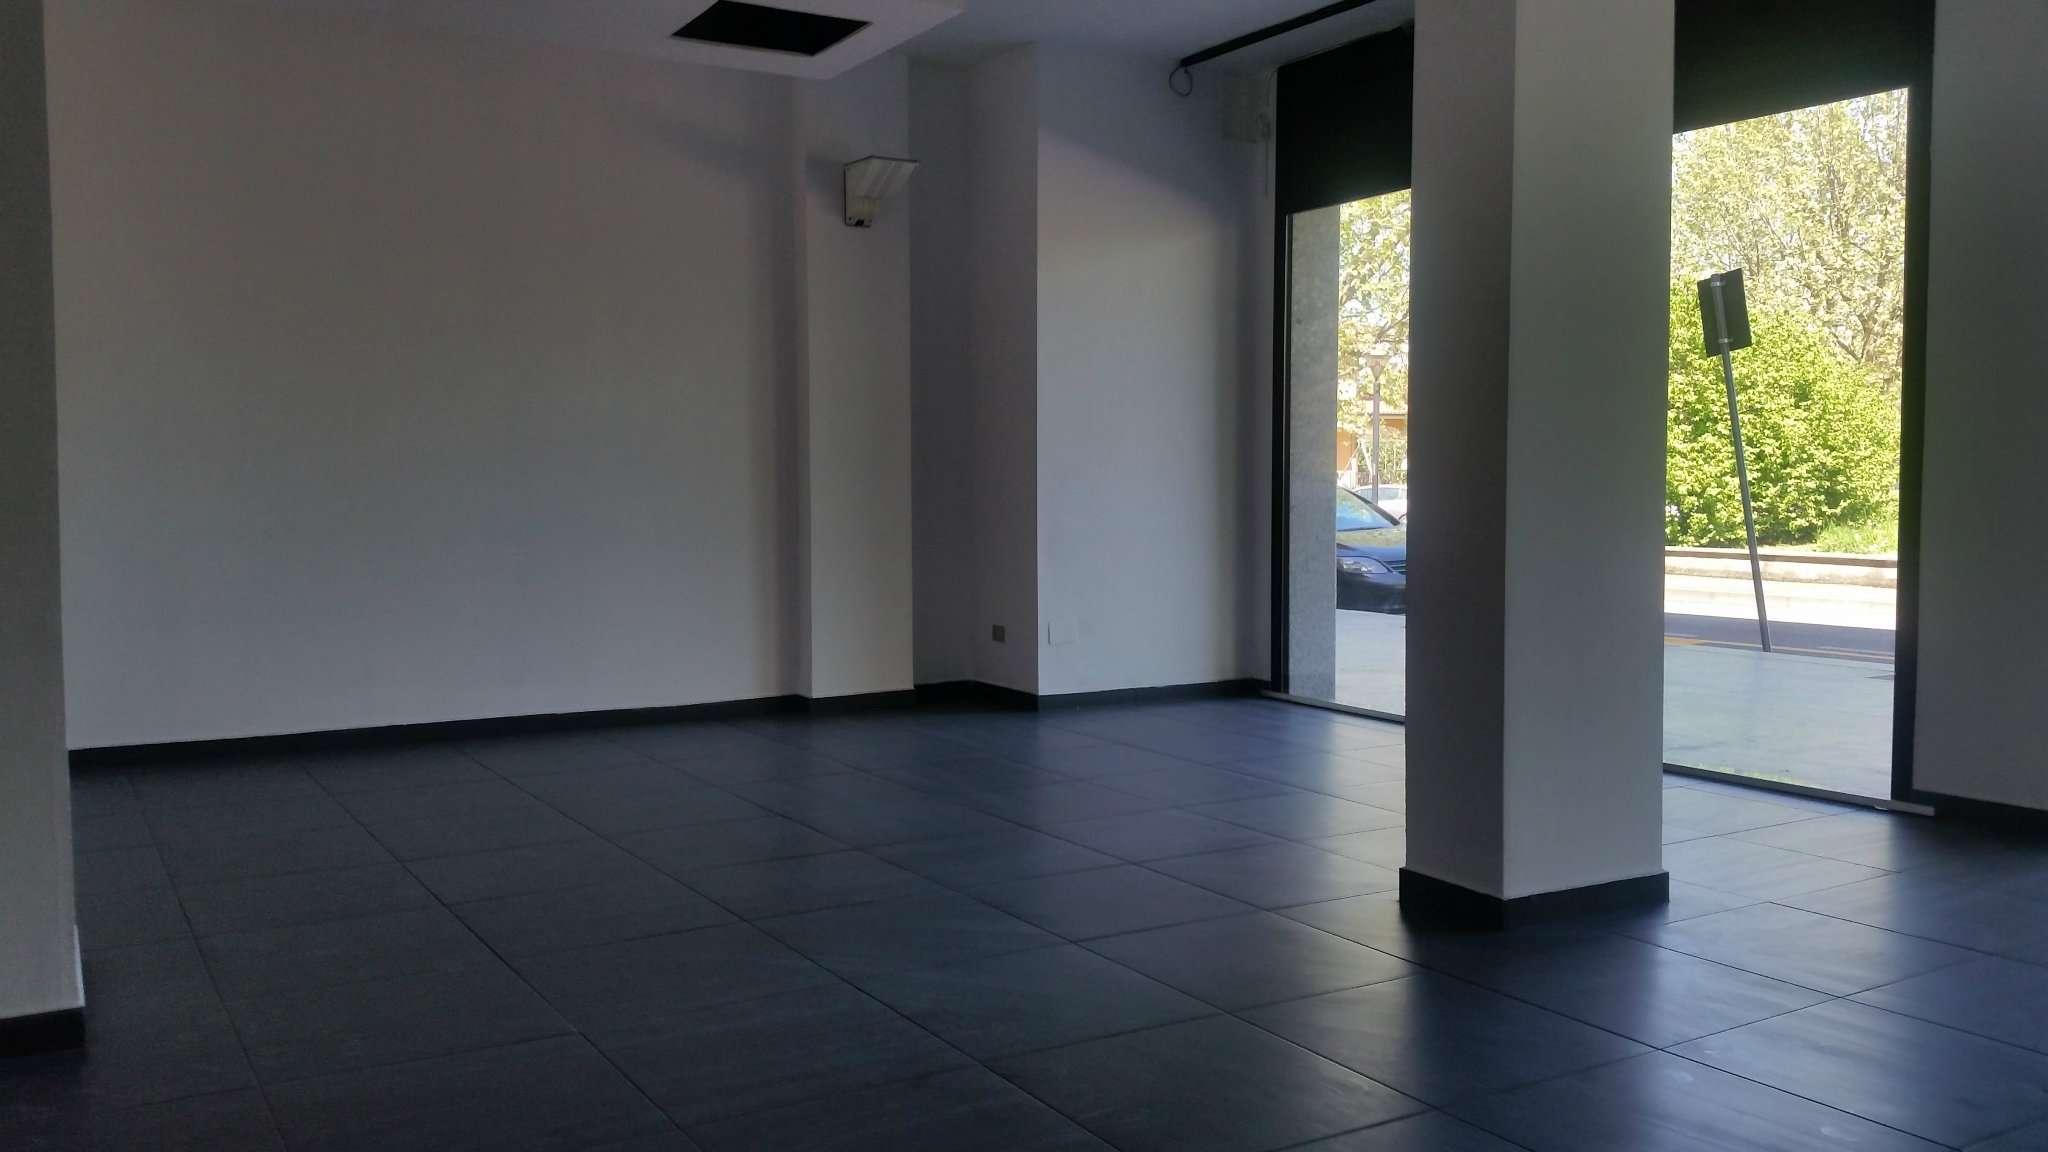 Negozio / Locale in affitto a Vanzago, 2 locali, prezzo € 1.000 | Cambio Casa.it